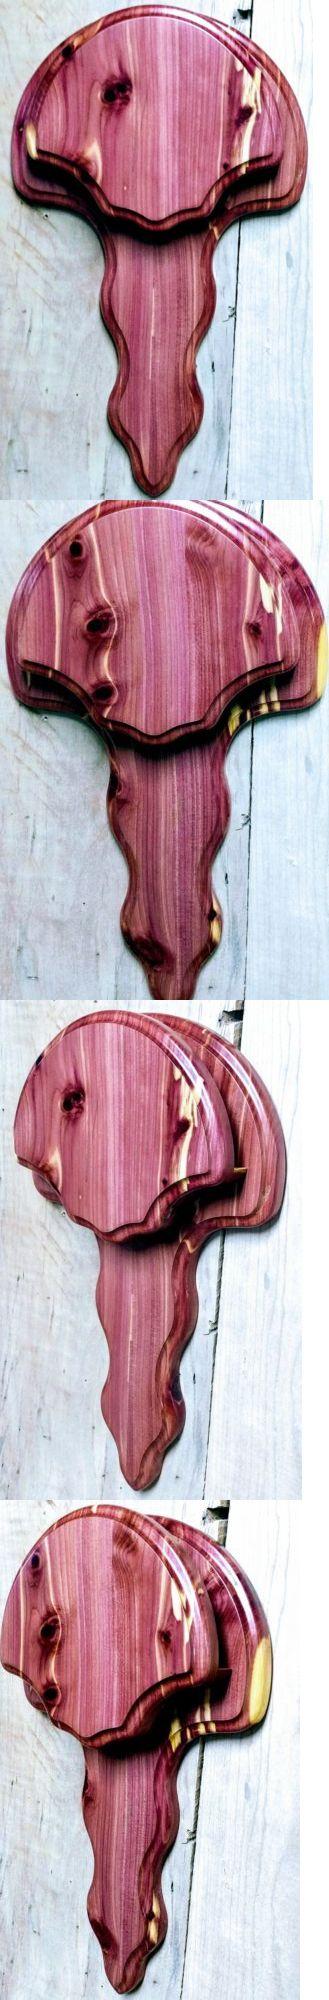 Taxidermy Supplies 71130: Cedar Wood Wild Turkey Fan Tail Beard Panel Trophy Plaque Taxidermy -> BUY IT NOW ONLY: $43.95 on eBay!